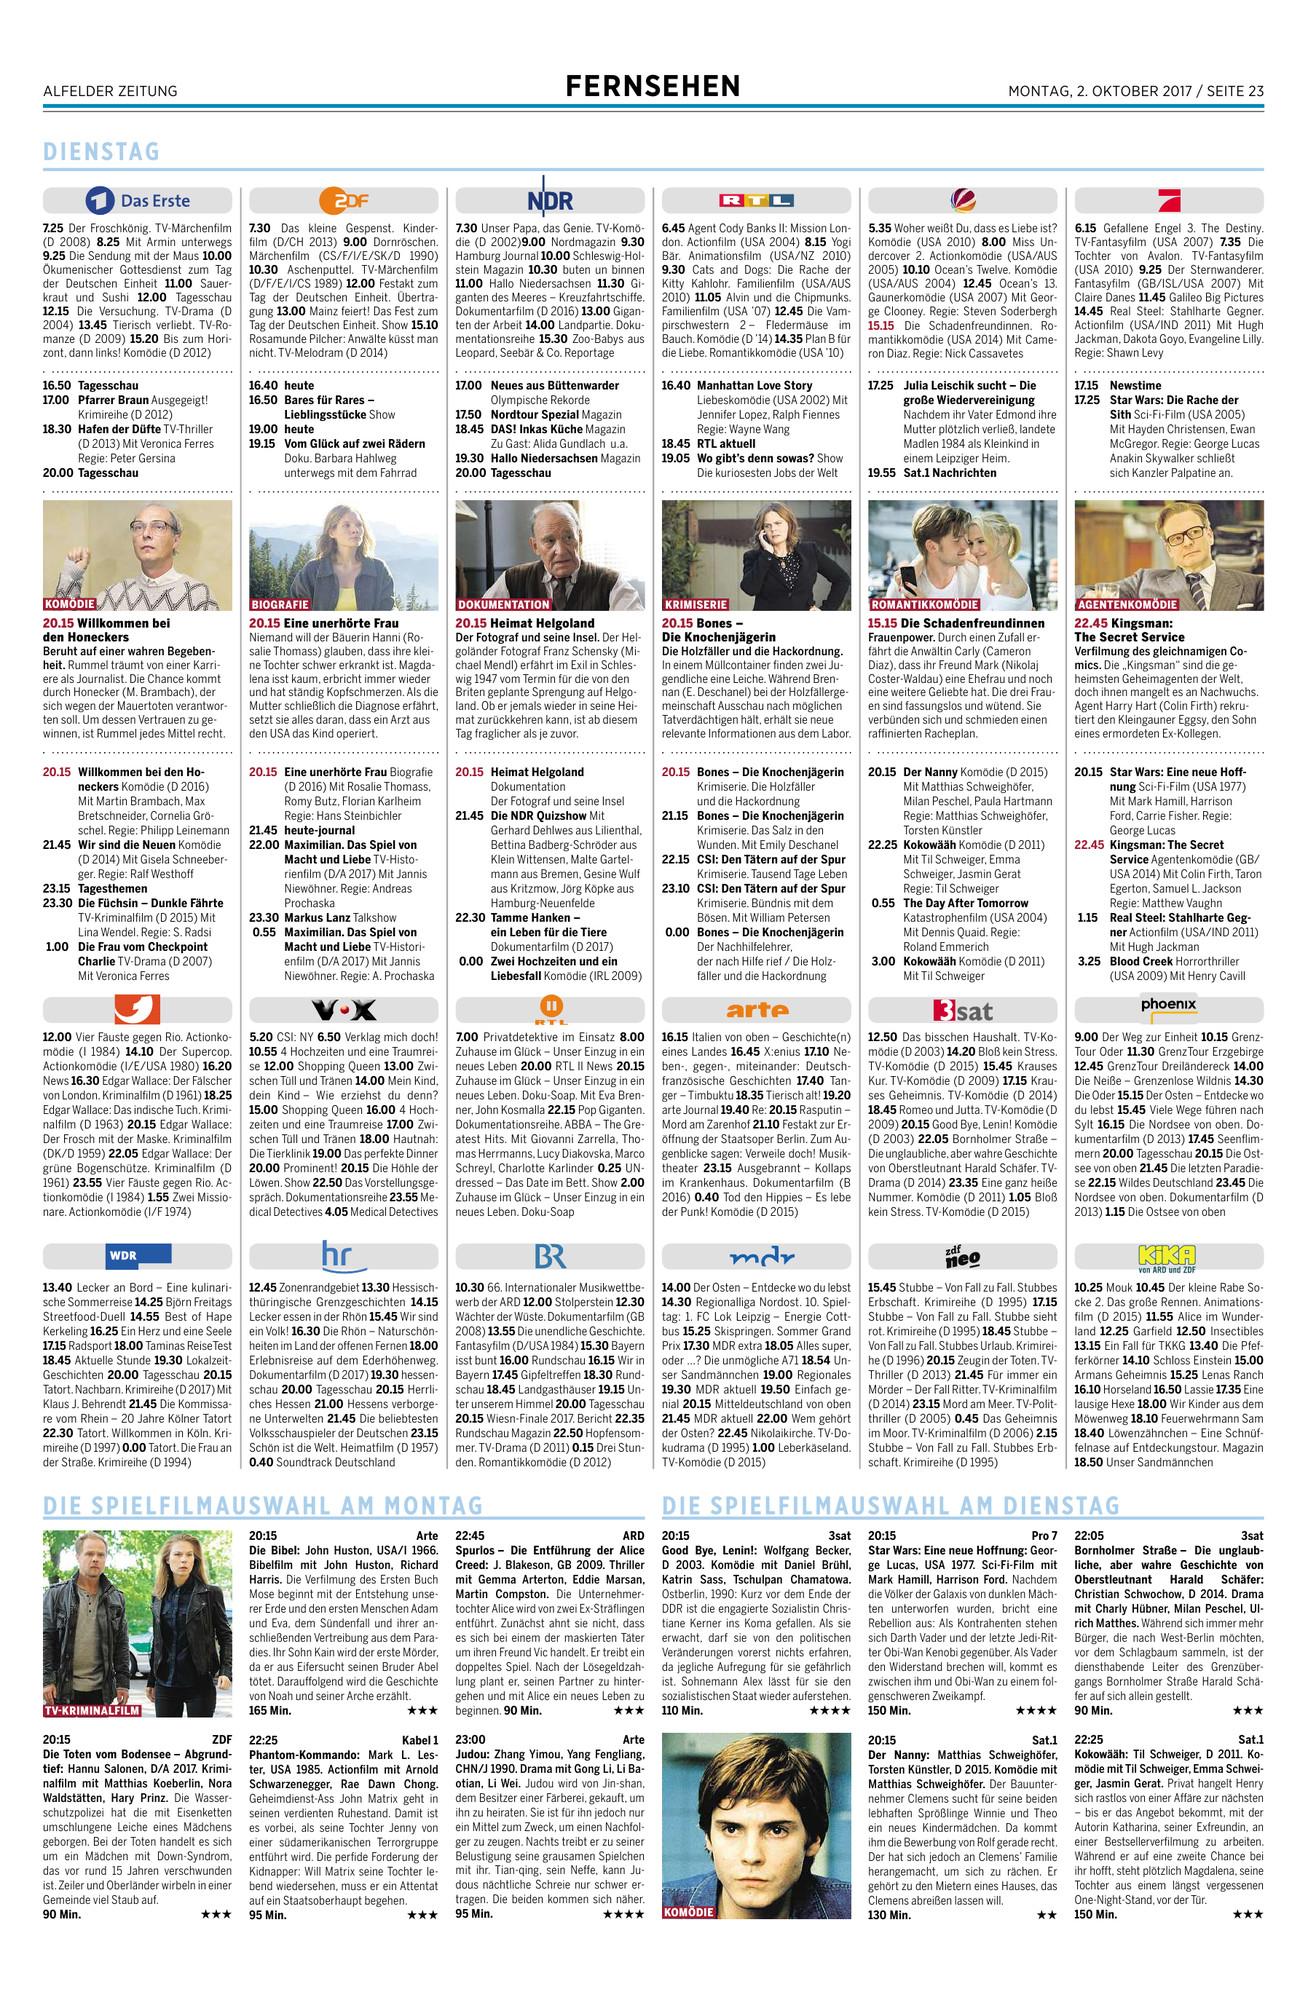 Alfelder Zeitung - Epaper-Seite